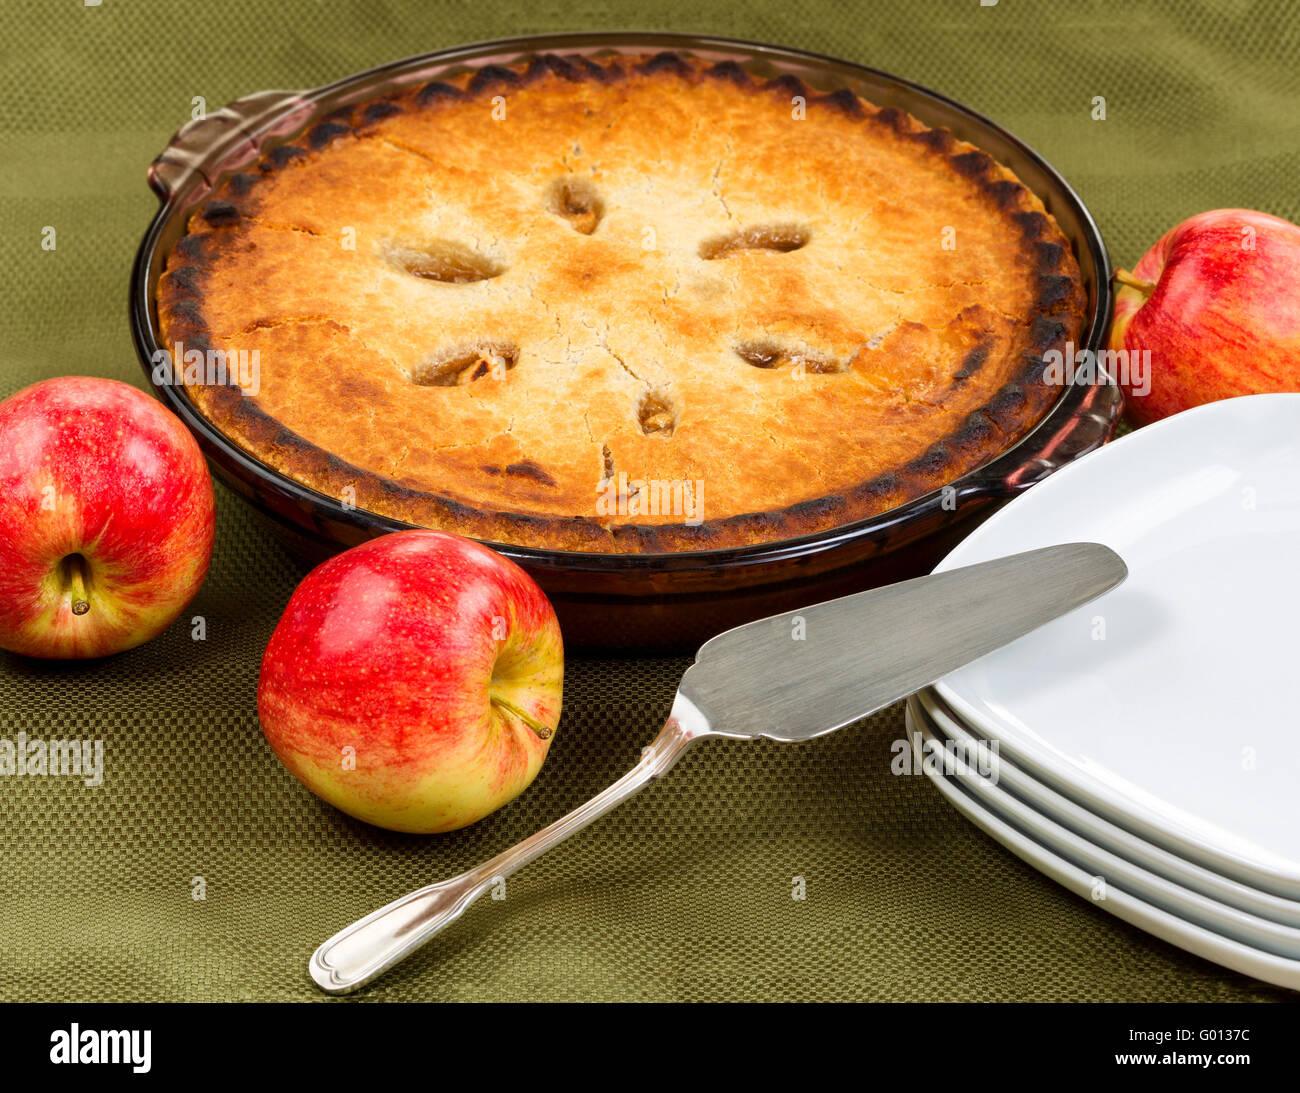 Freshly baked homemade apple pie - Stock Image